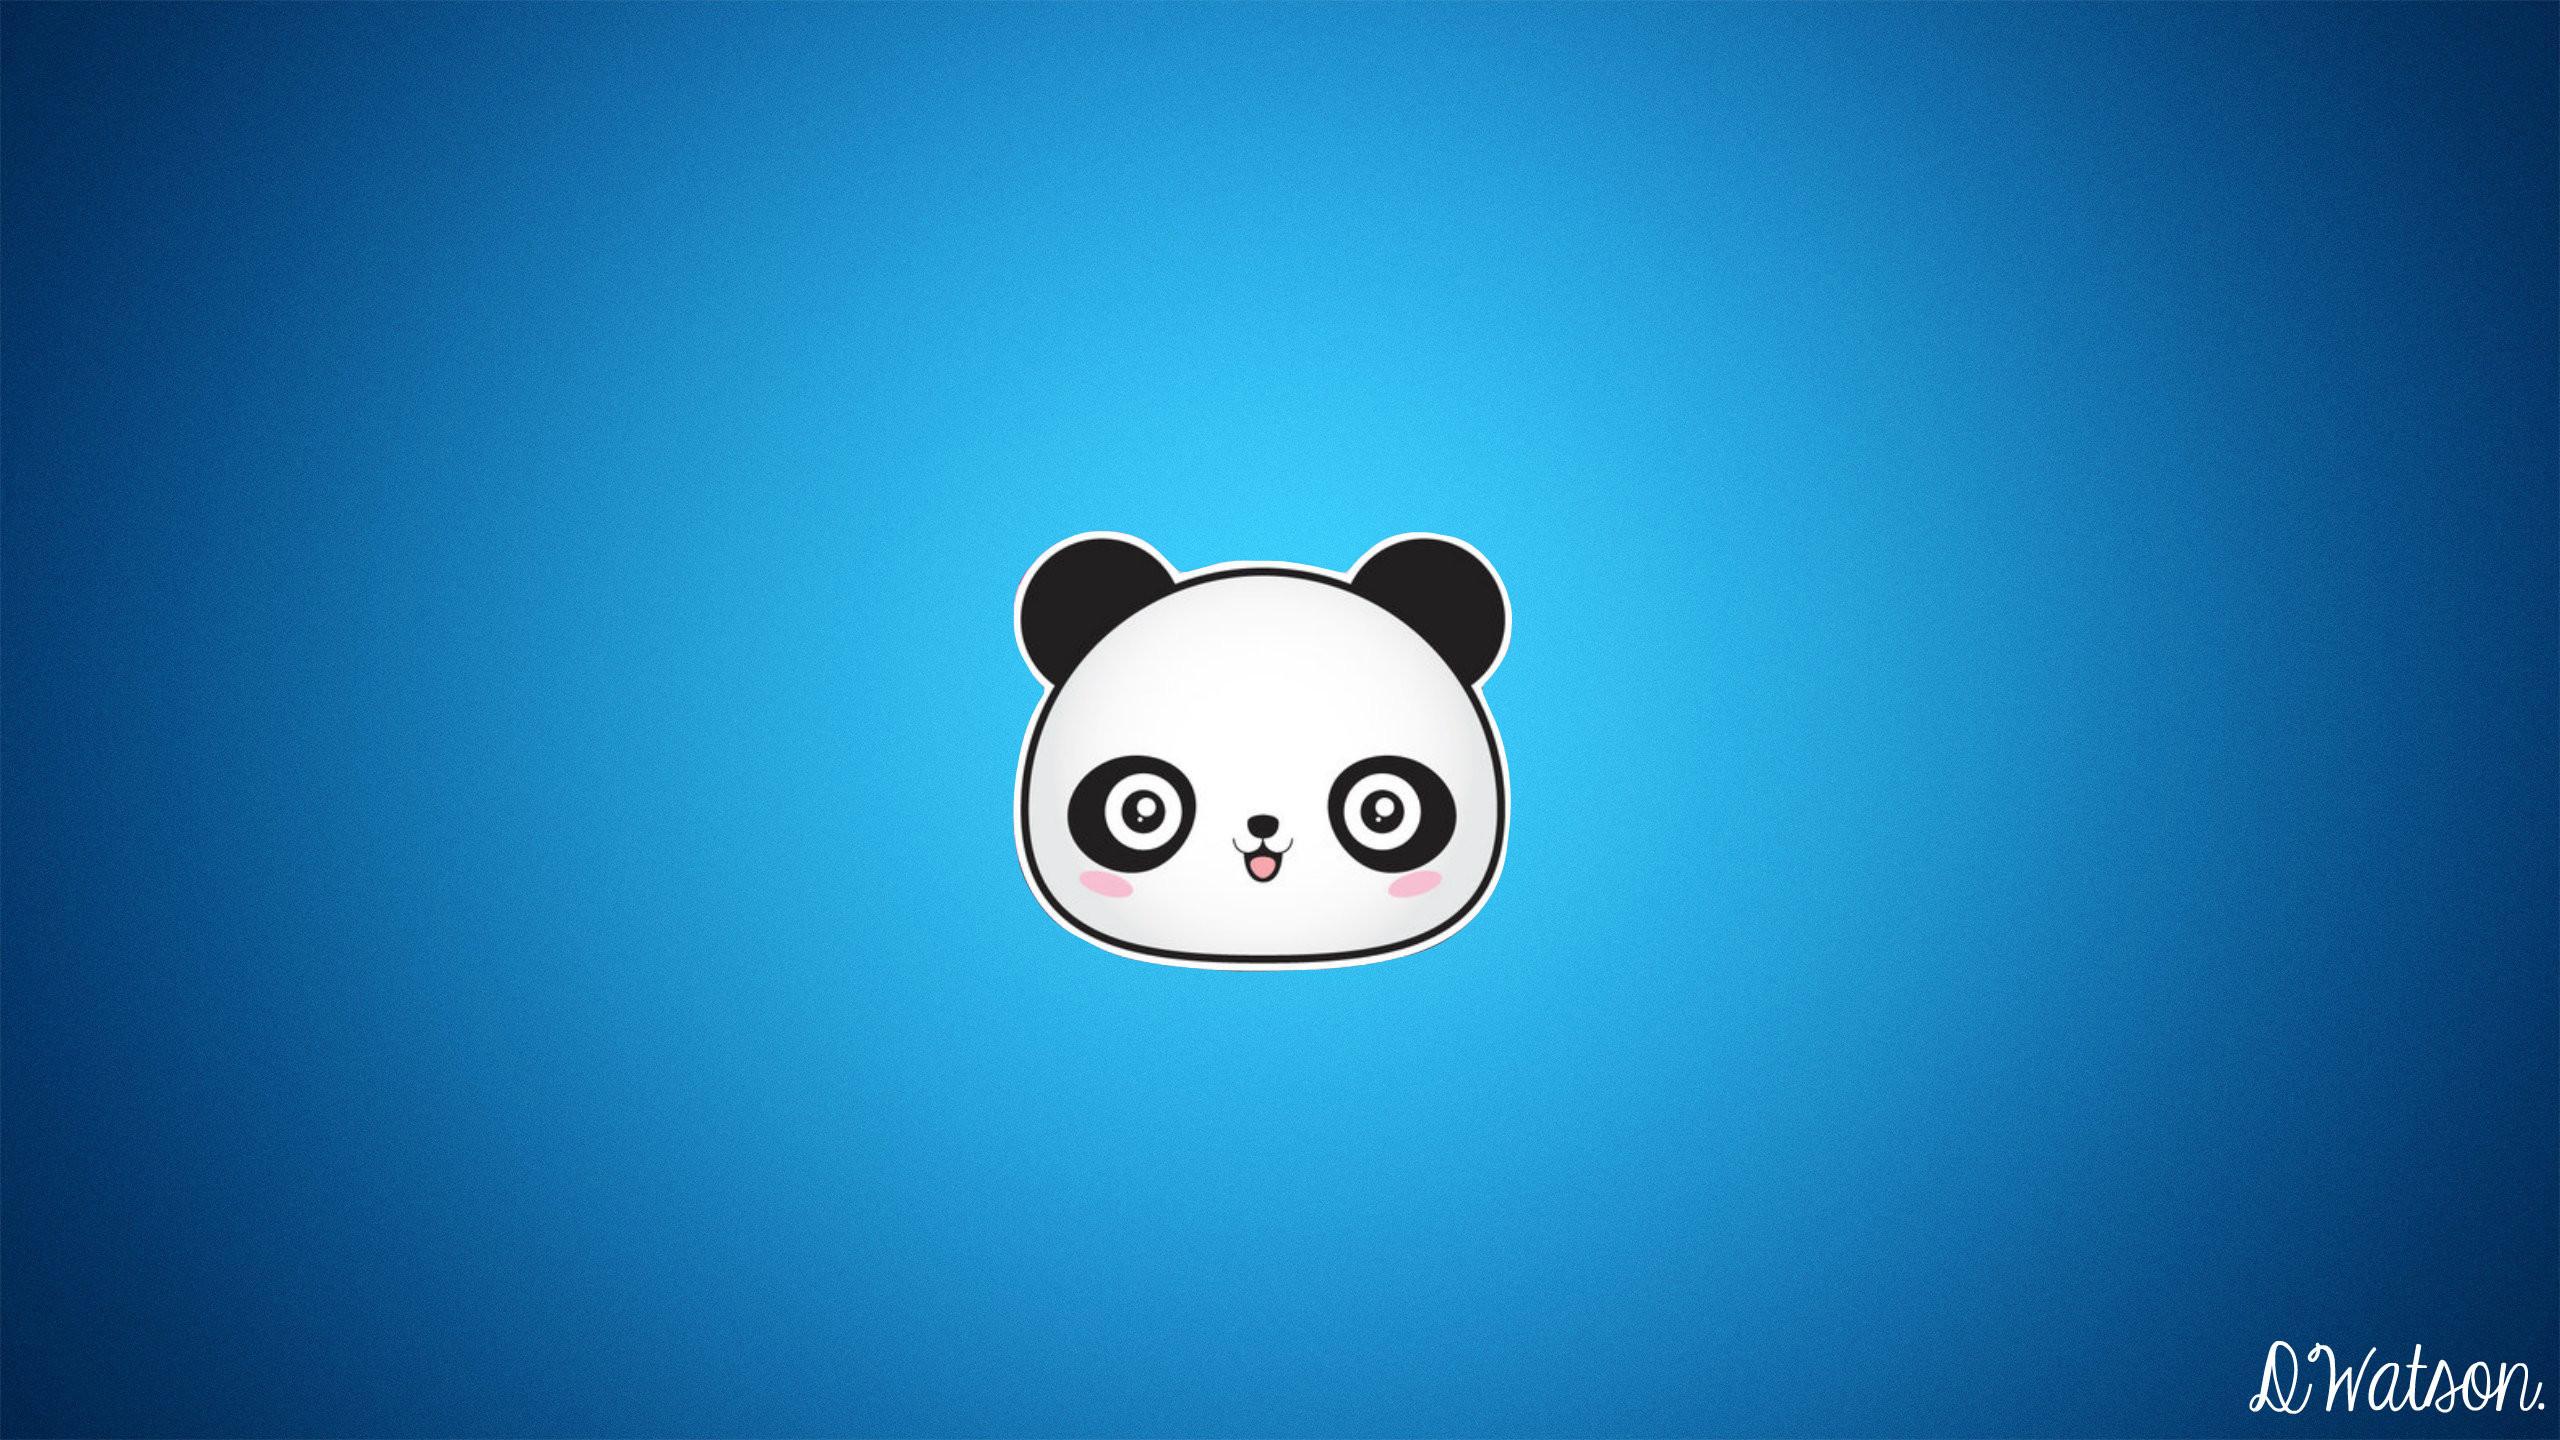 Cute Cartoon Panda Wallpaper WallpaperSafari